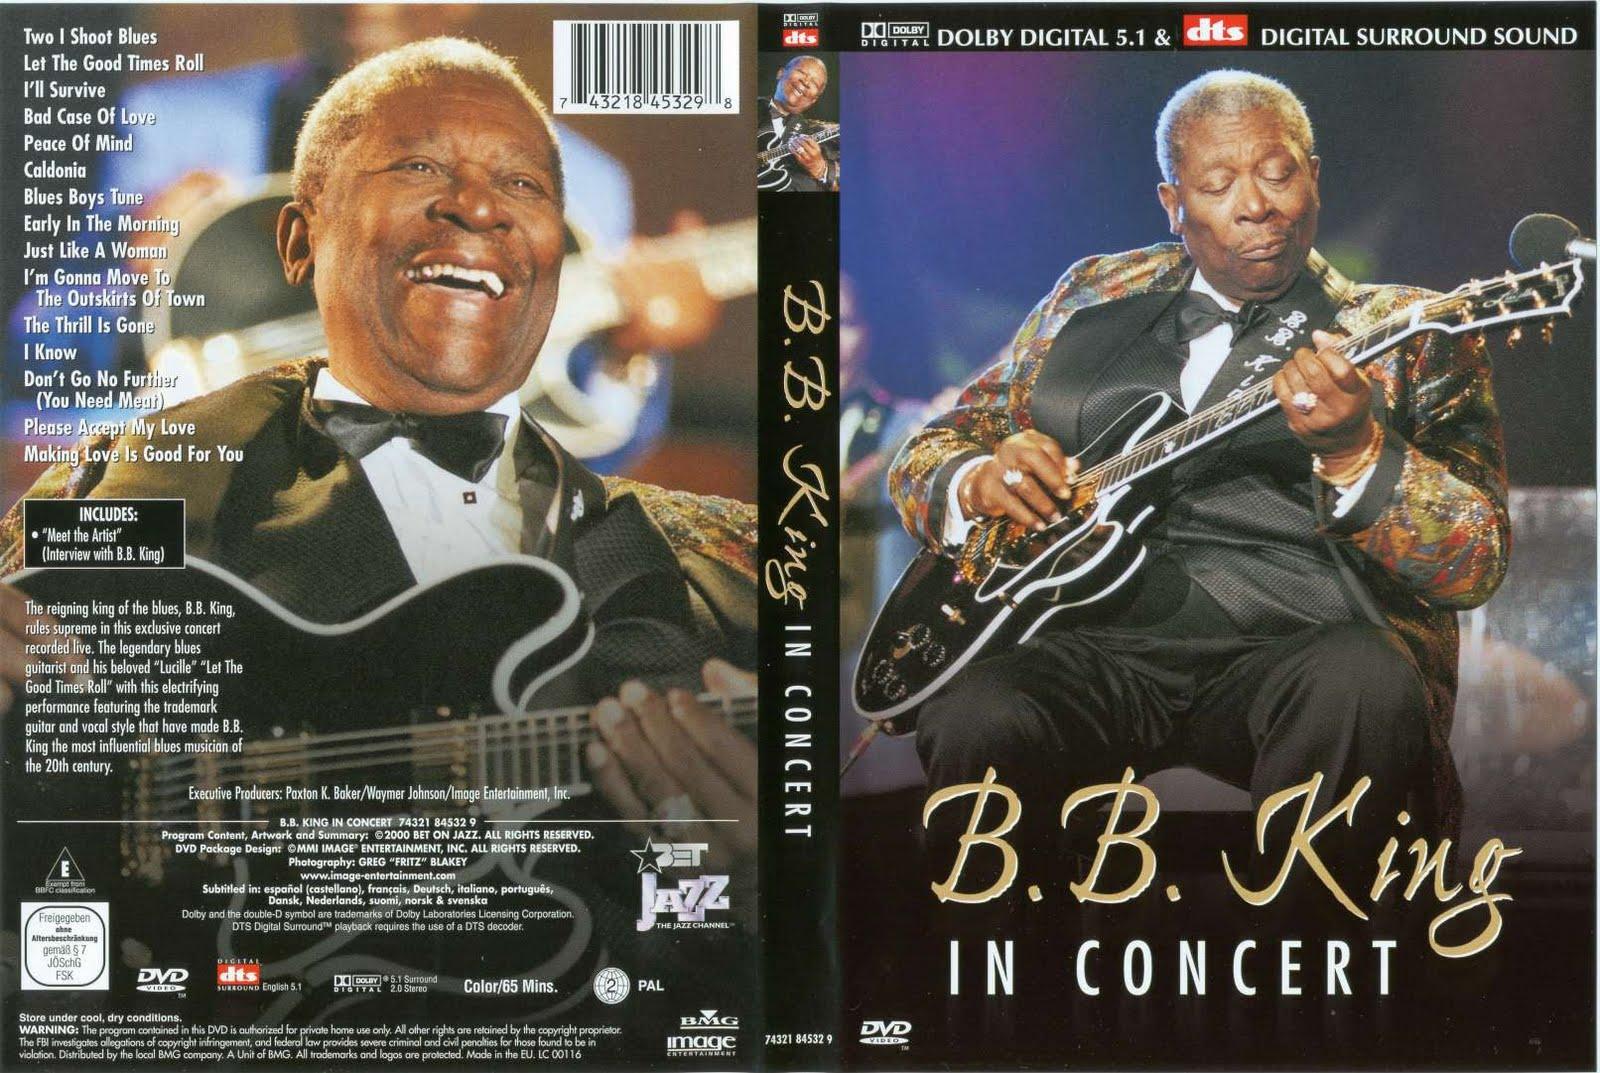 http://2.bp.blogspot.com/_se0zHB8H7oU/S_MDTCxI4oI/AAAAAAAACbI/j6qHfi7HDVc/s1600/B.B.+King+-+In+Concert+-+Cover.jpg